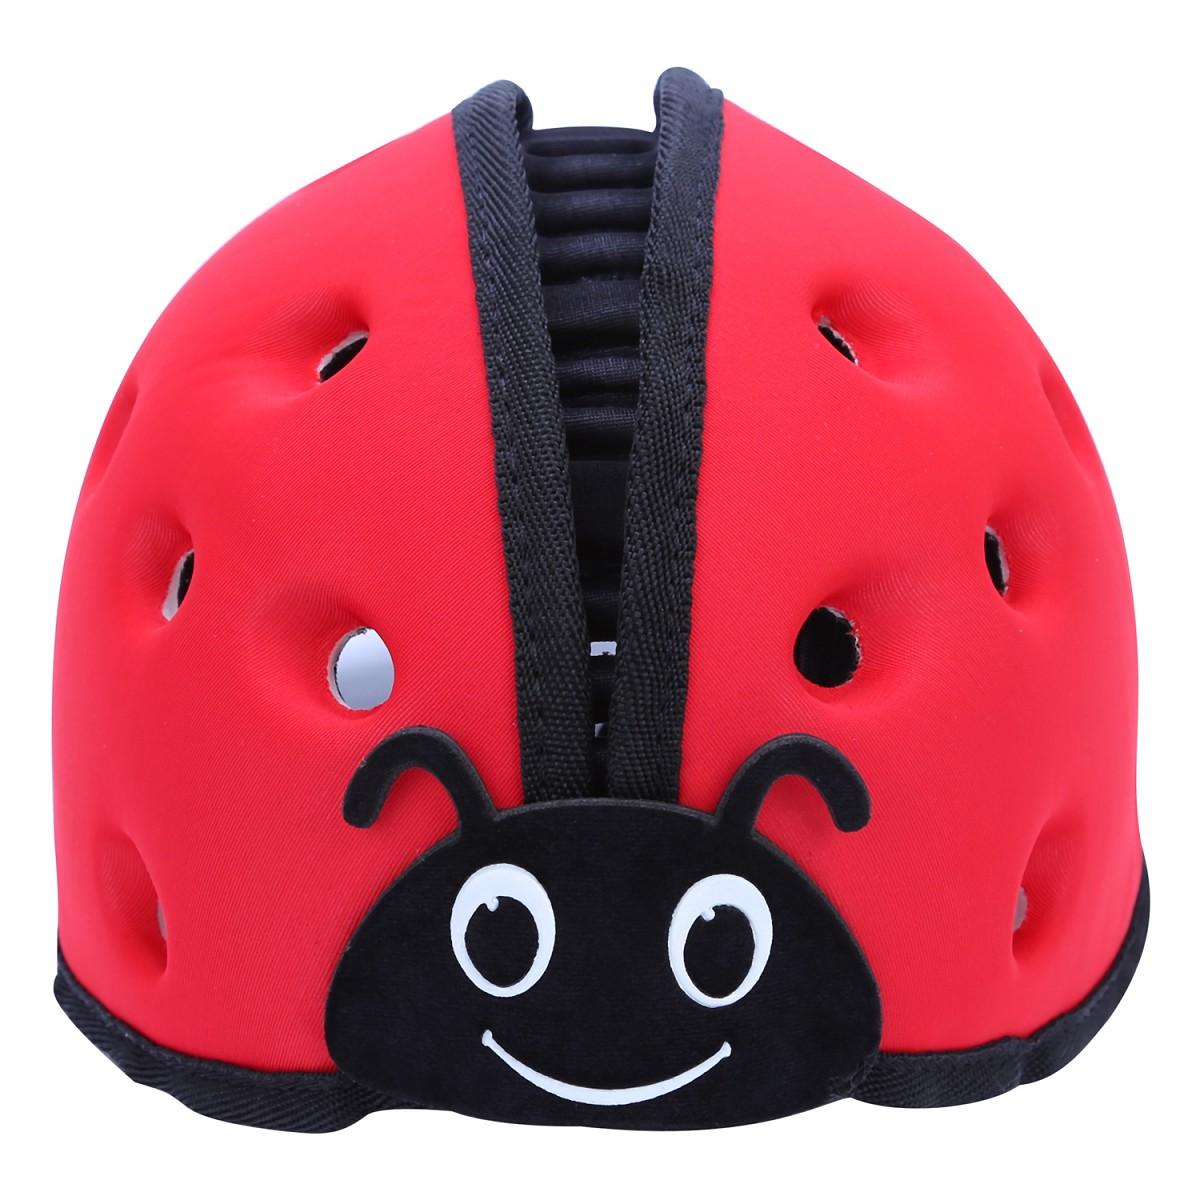 Mũ bảo hiểm trẻ em MumGuard màu đỏ